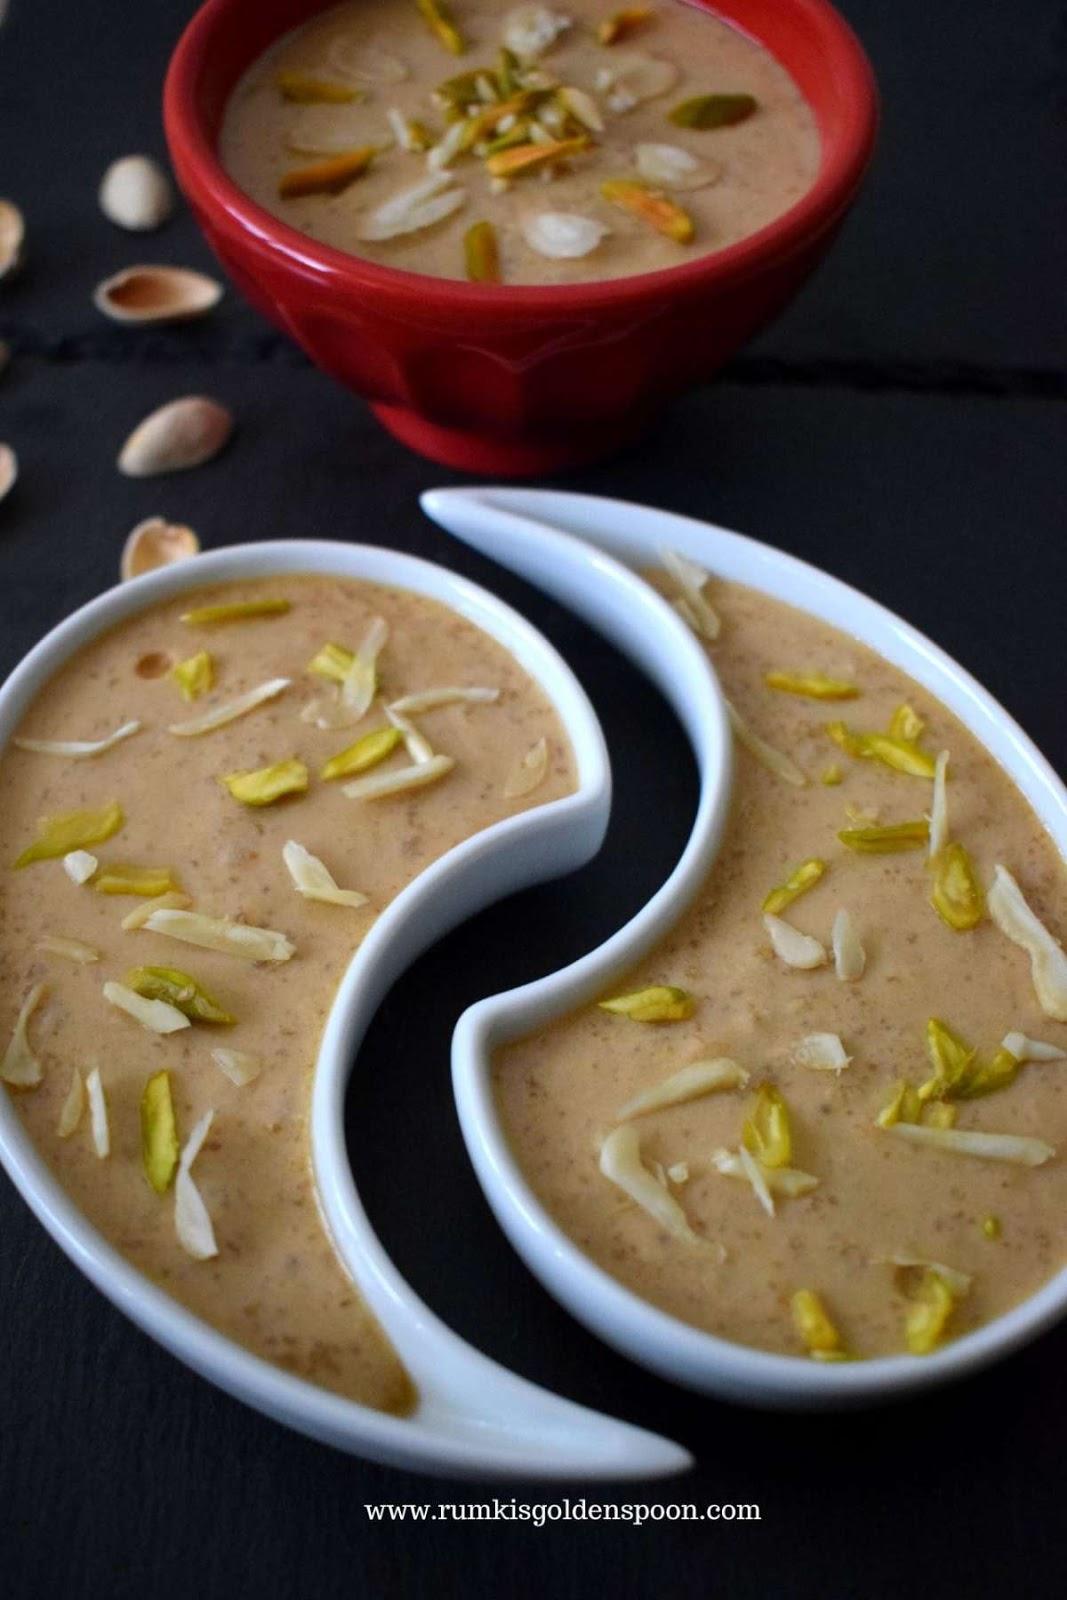 firni recipe, recipe of phirni, recipe for phirni, phirni, phirni recipe, how to make phirni, rice kheer recipe, kheer recipe, patali gur recipes, jaggery sweet, sweets with jaggery, jaggery sweet recipes, gur ki kheer, date palm jaggery recipes, nolen gur sweets, khajur gur recipes, khejur gur kheer recipe, phirni with jaggery, Rumki's Golden Spoon